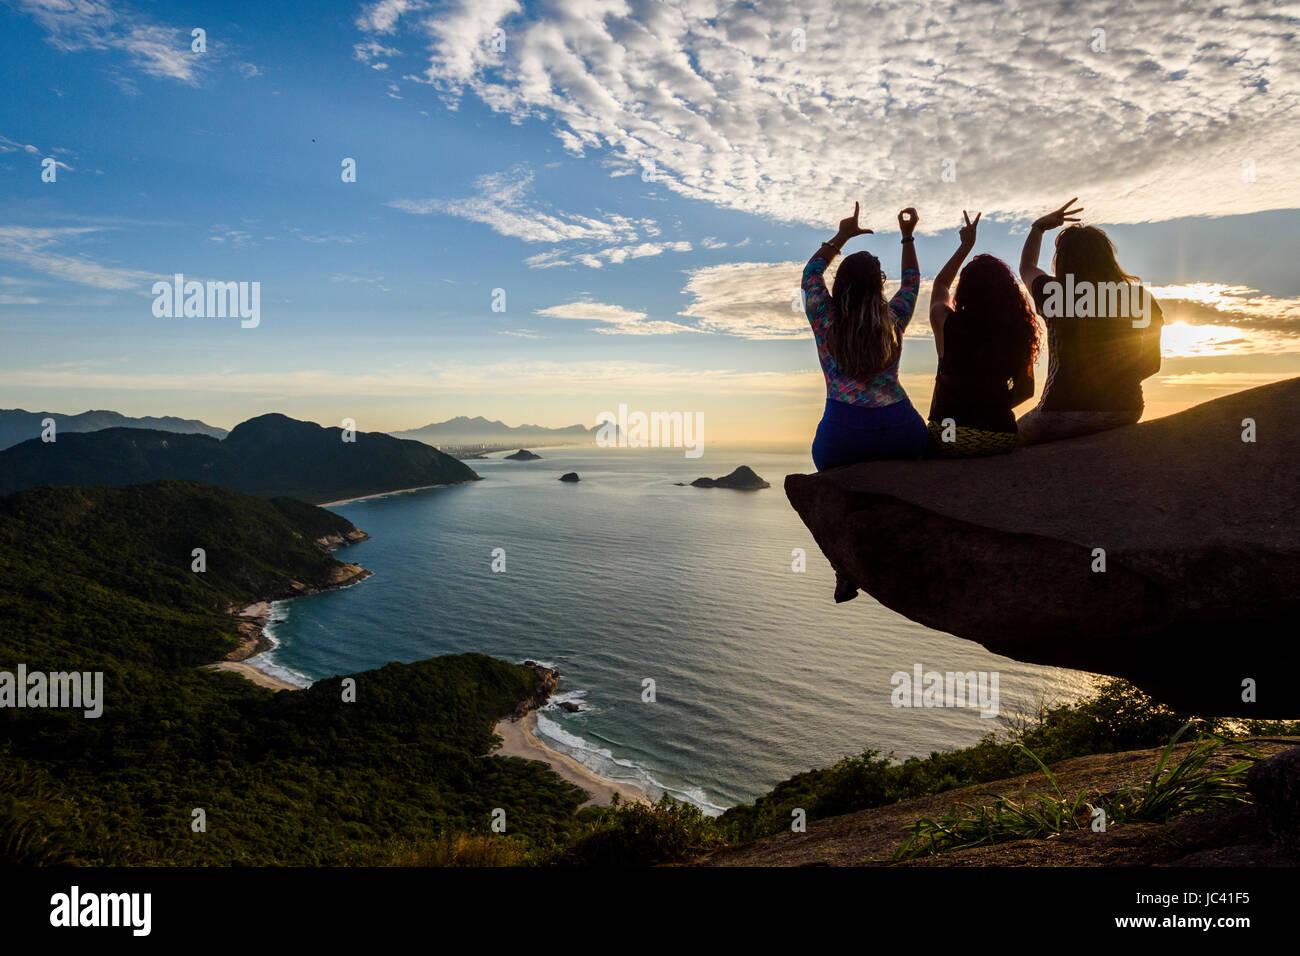 La mujer en el borde de la montaña en Pedra do Telégrafo deletrear el amor con sus dedos, Río Imagen De Stock